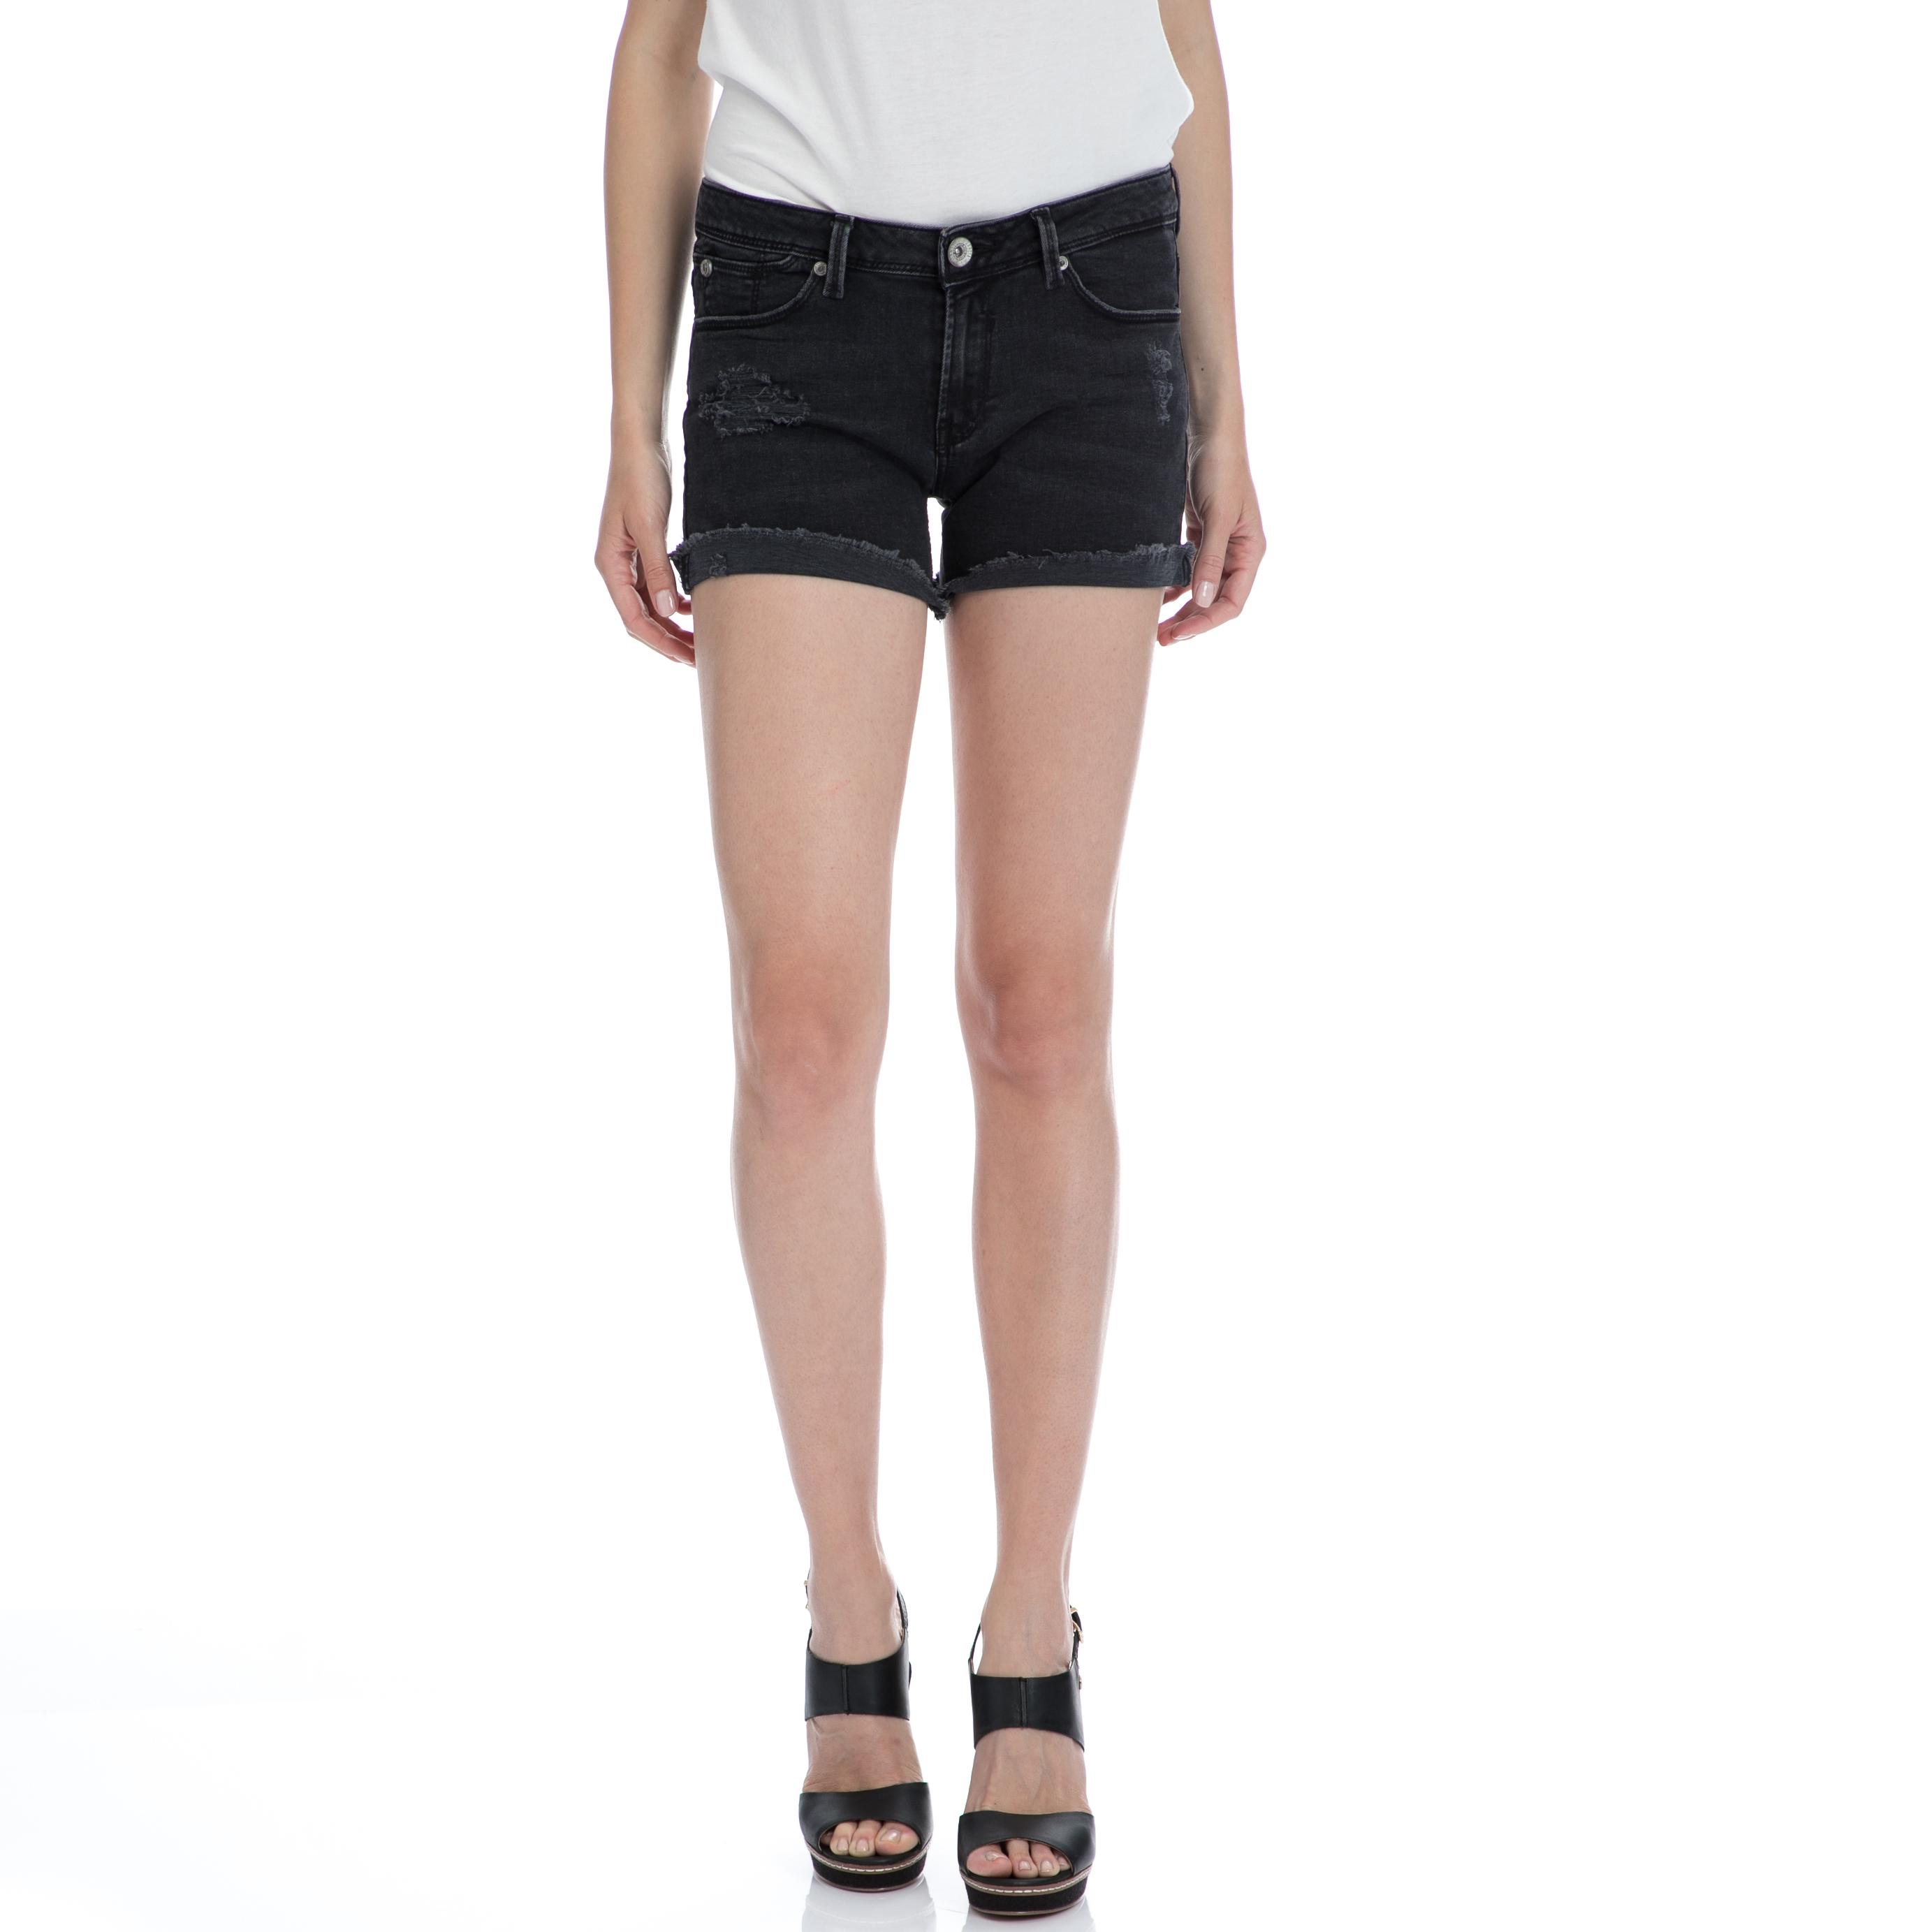 GARCIA JEANS - Γυναικείο τζιν σορτς Garcia Jeans μαύρο γυναικεία ρούχα σορτς βερμούδες casual jean